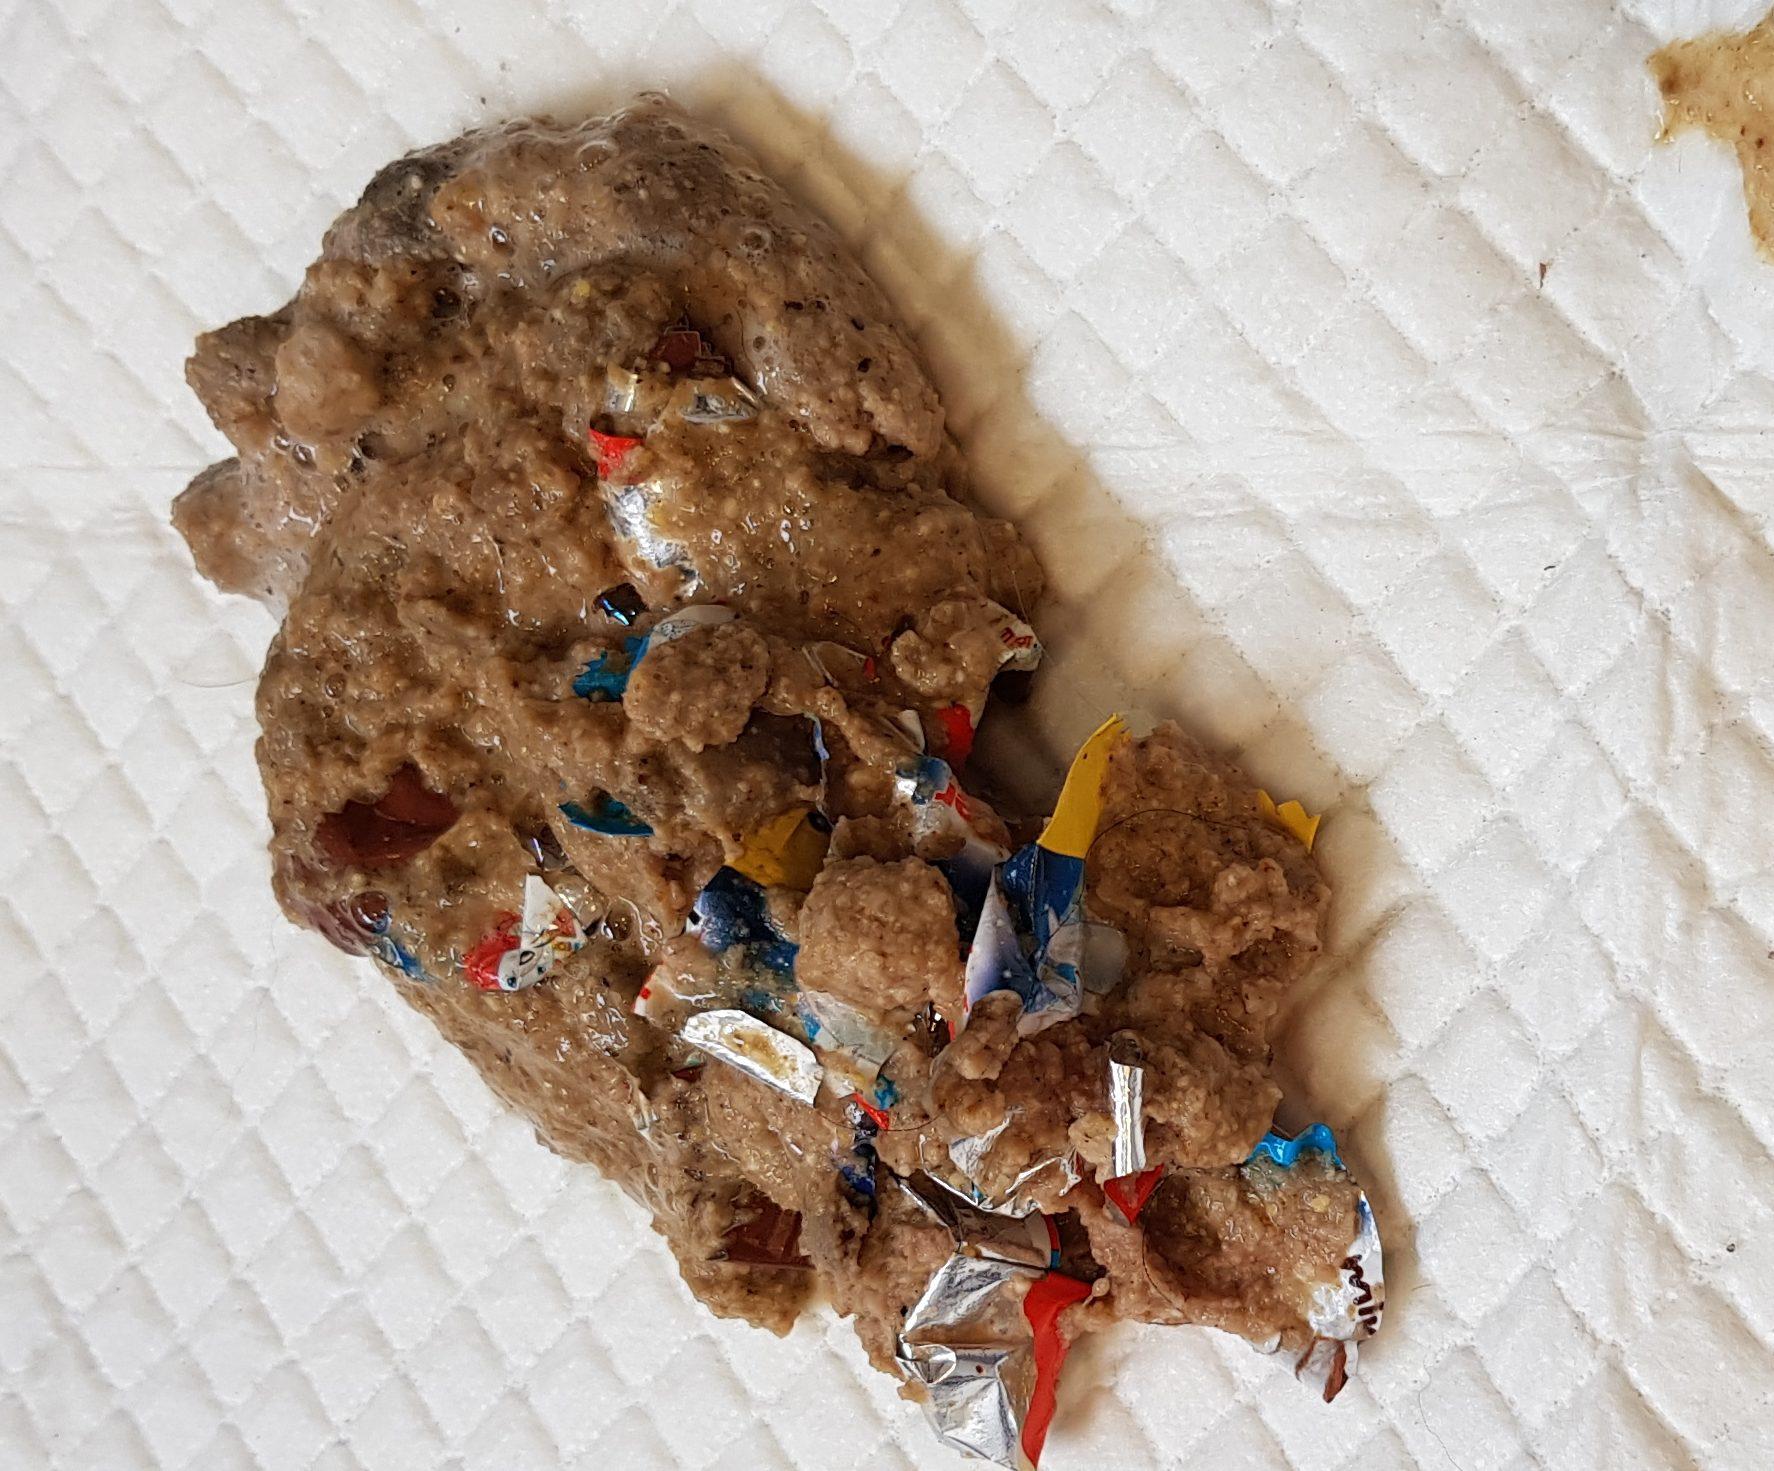 Ostern, Schokoladenintoxikation, Tierarzt Pattenham, Chiemsee, Truchtlaching, Bayern, Landkreis Traunstein, Osternest, Hund, Vergiftung